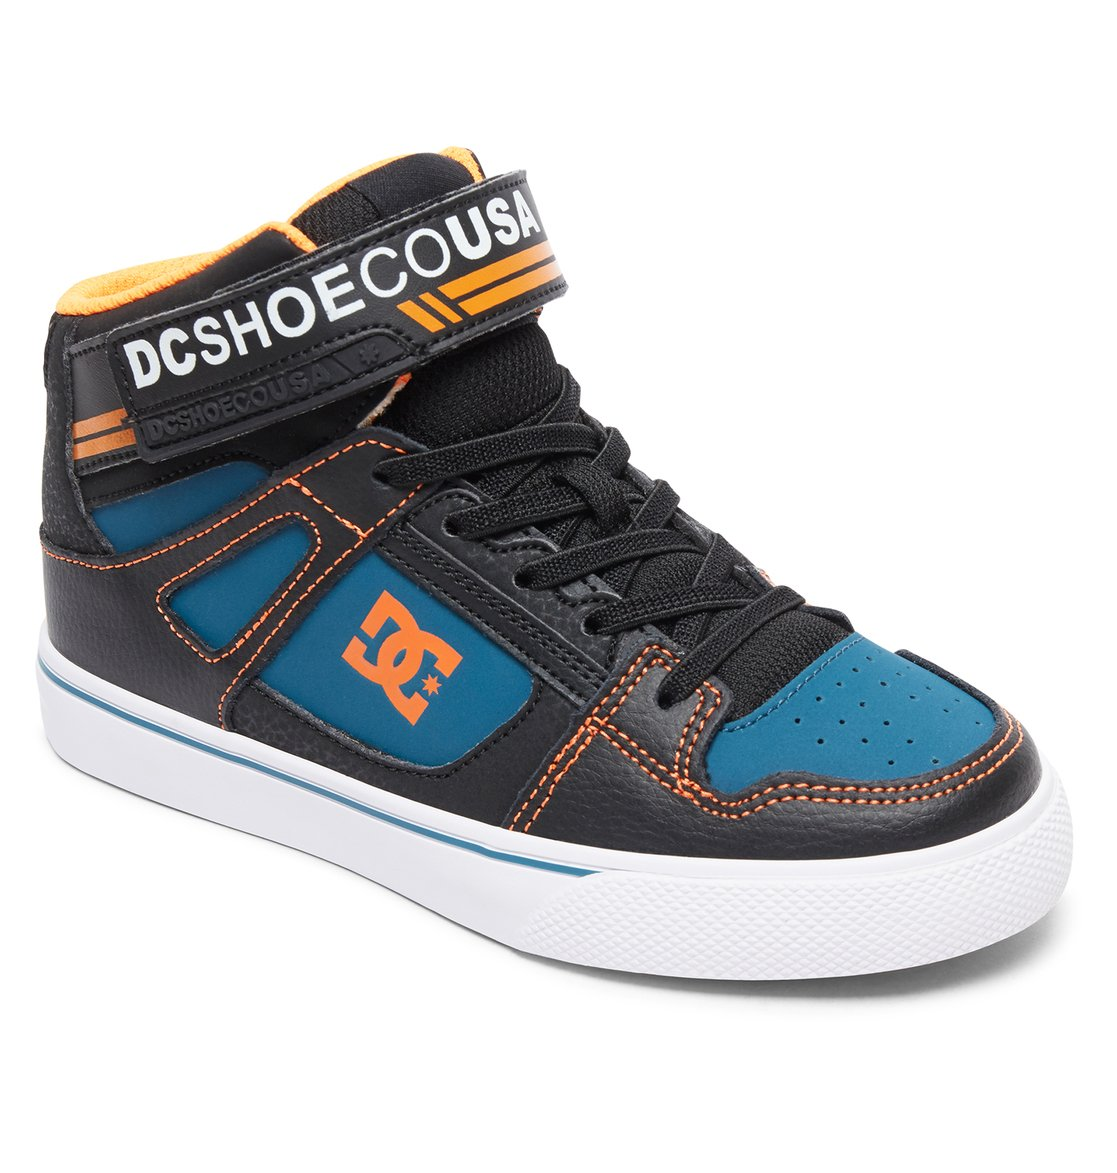 Ev High Dc Shoes Chaussures Pure Adbs300324 Pour Montantes Garçon H5qAxwPd